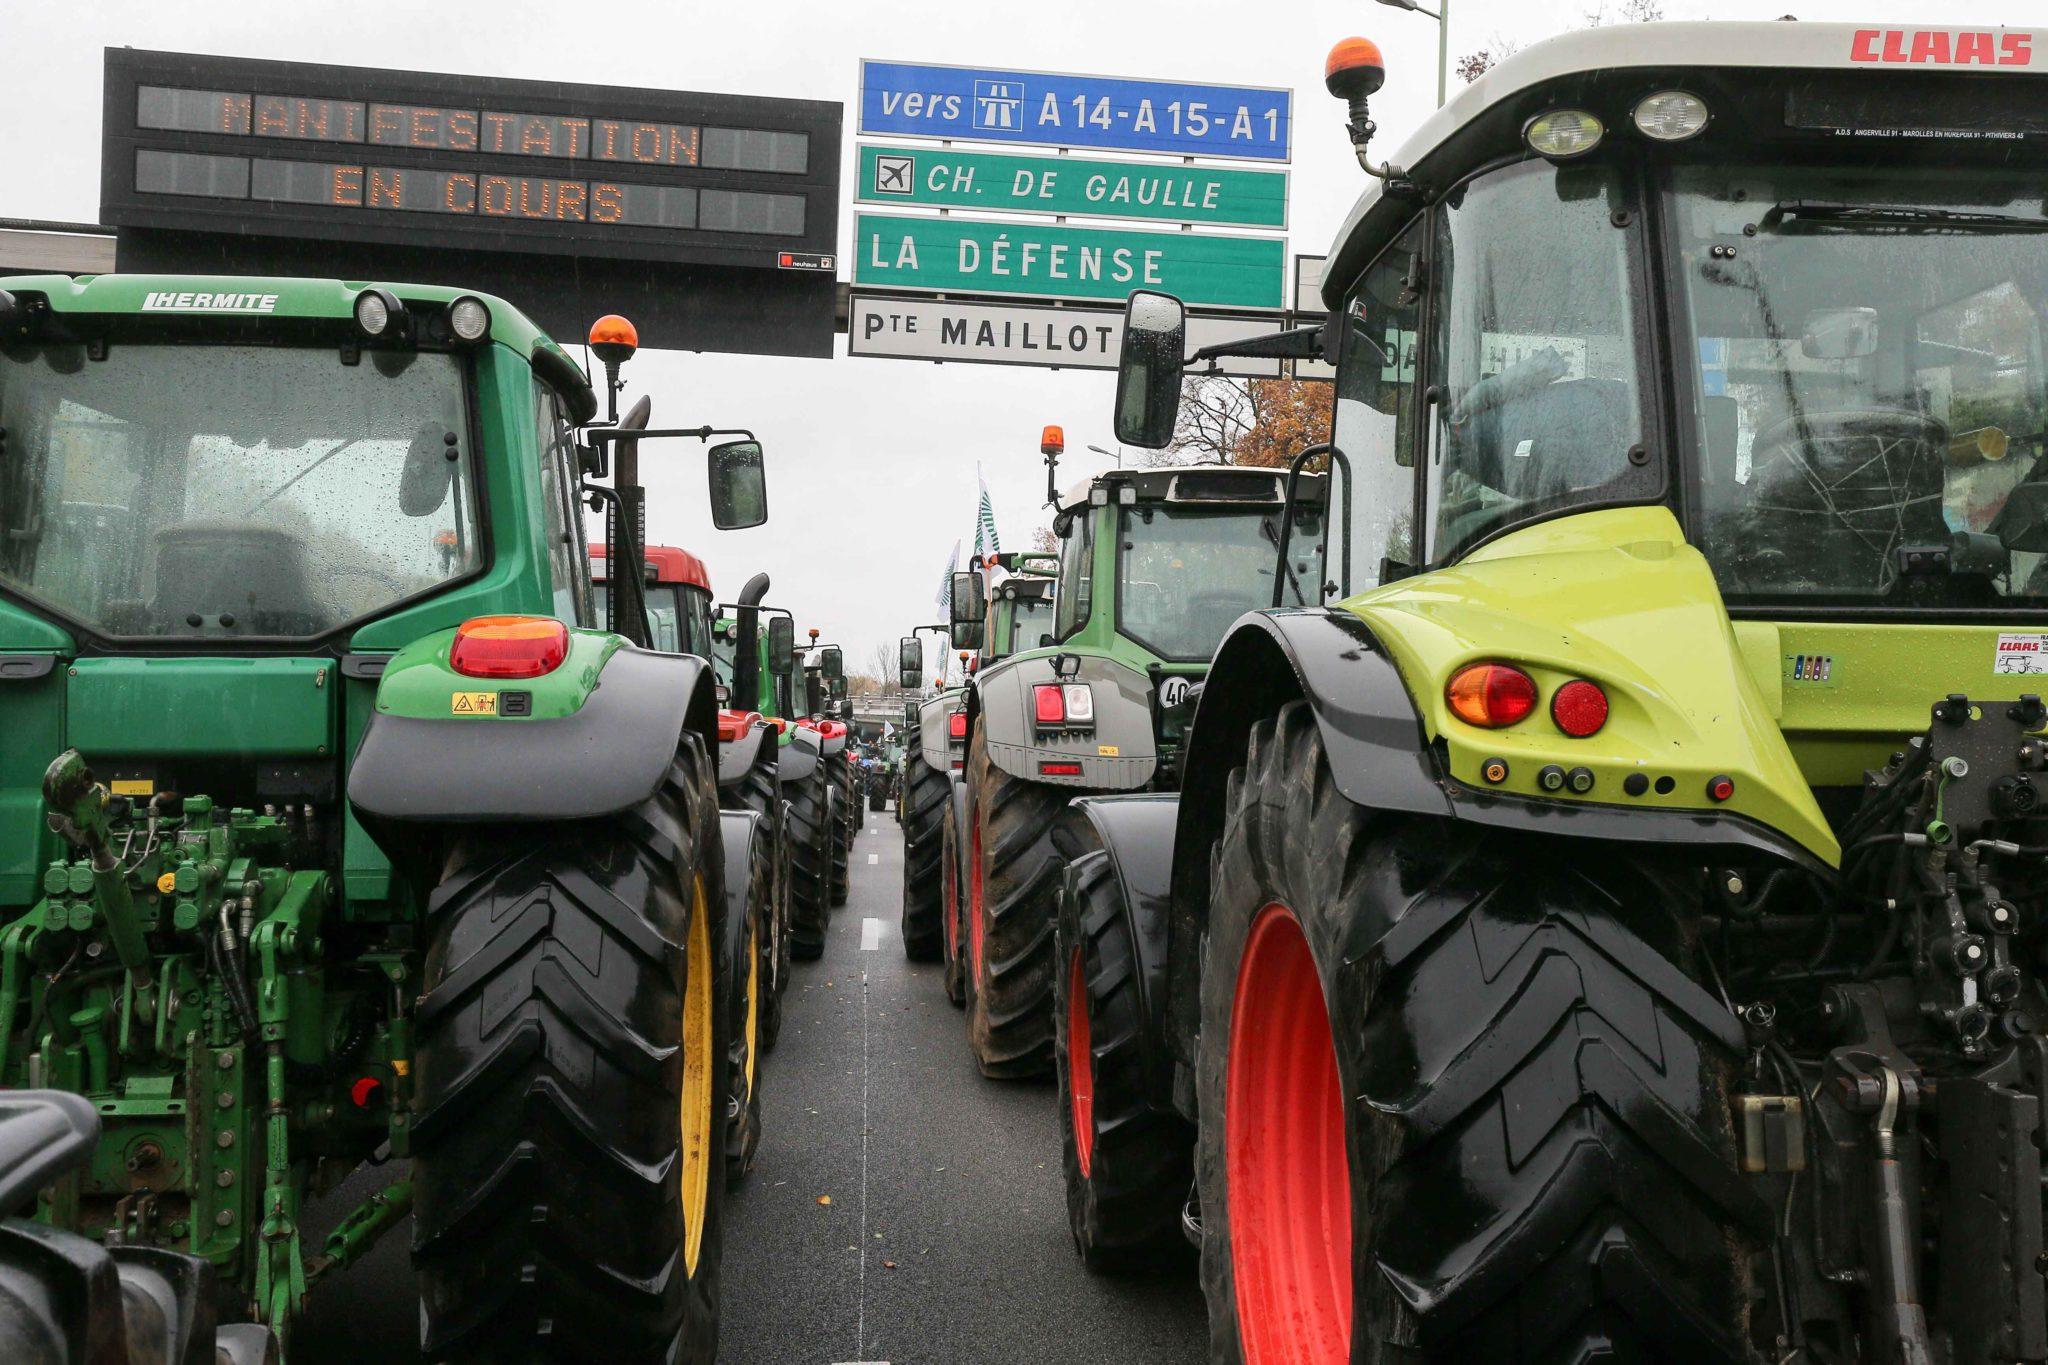 Les agriculteurs conduisent leurs tracteurs sur le périphérique parisien. © Michel Stoupak. Mer 27.11.2019, 14:46:48.